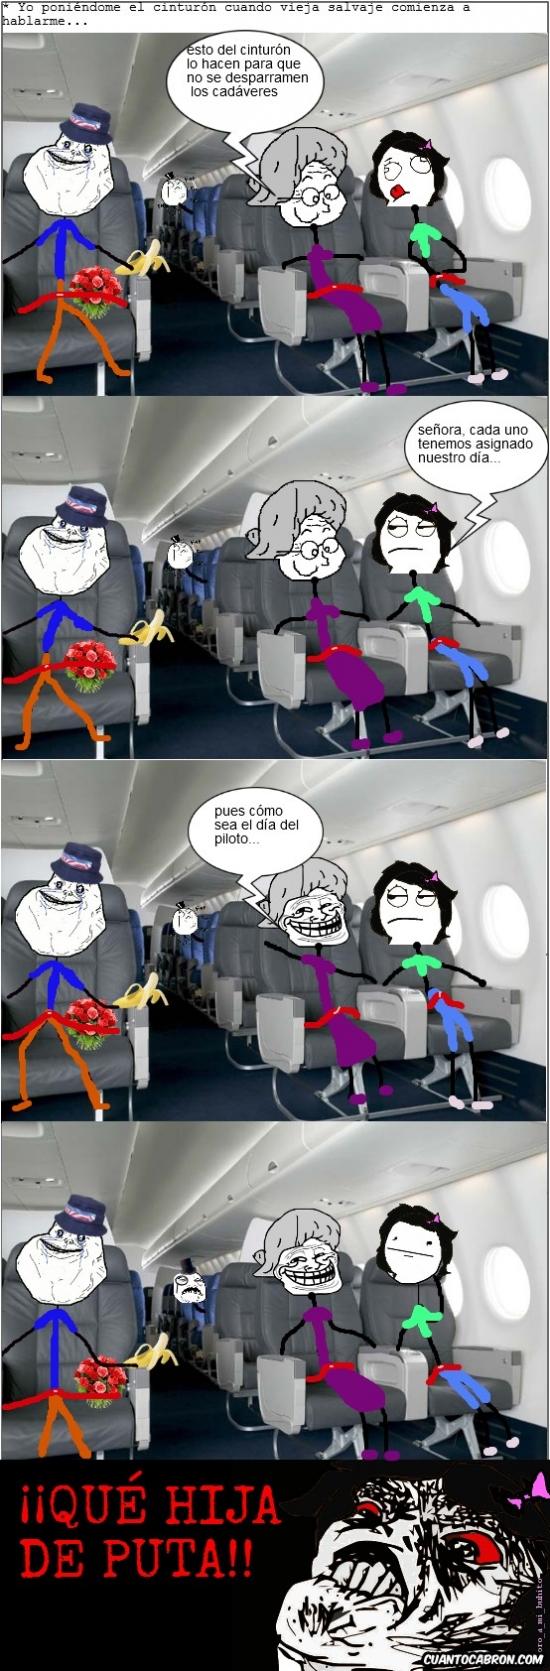 Inglip - Es mejor no hablar con desconocidos en los aviones